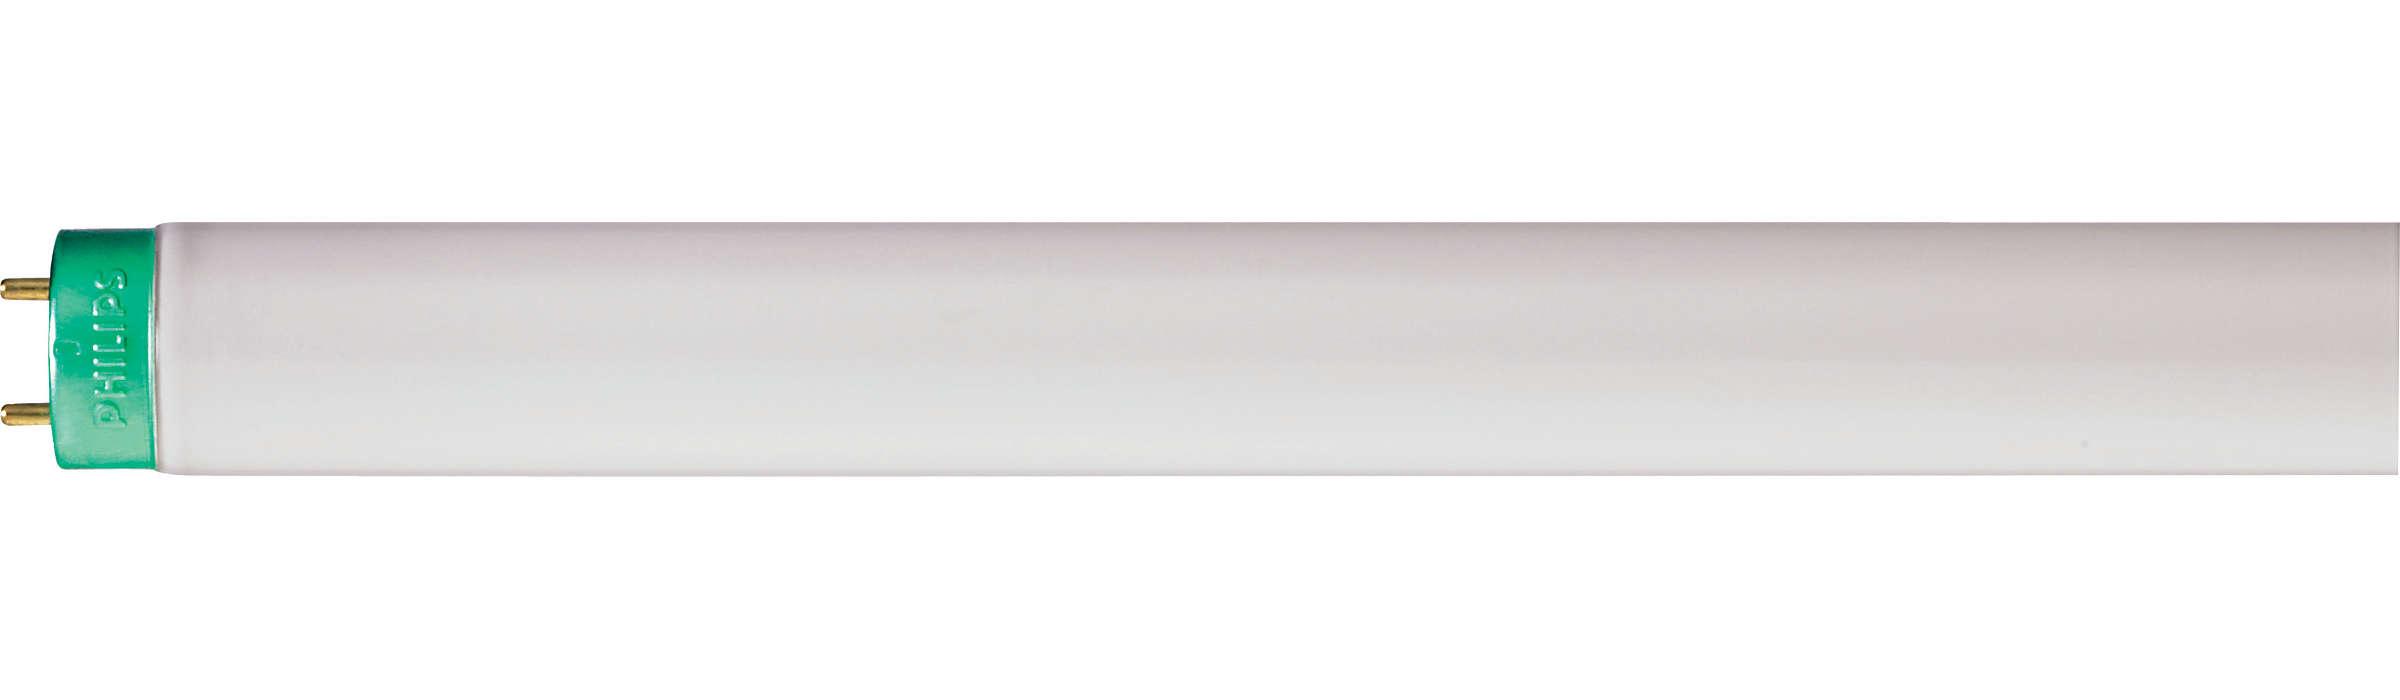 TL-D LIFEMAX Super 80